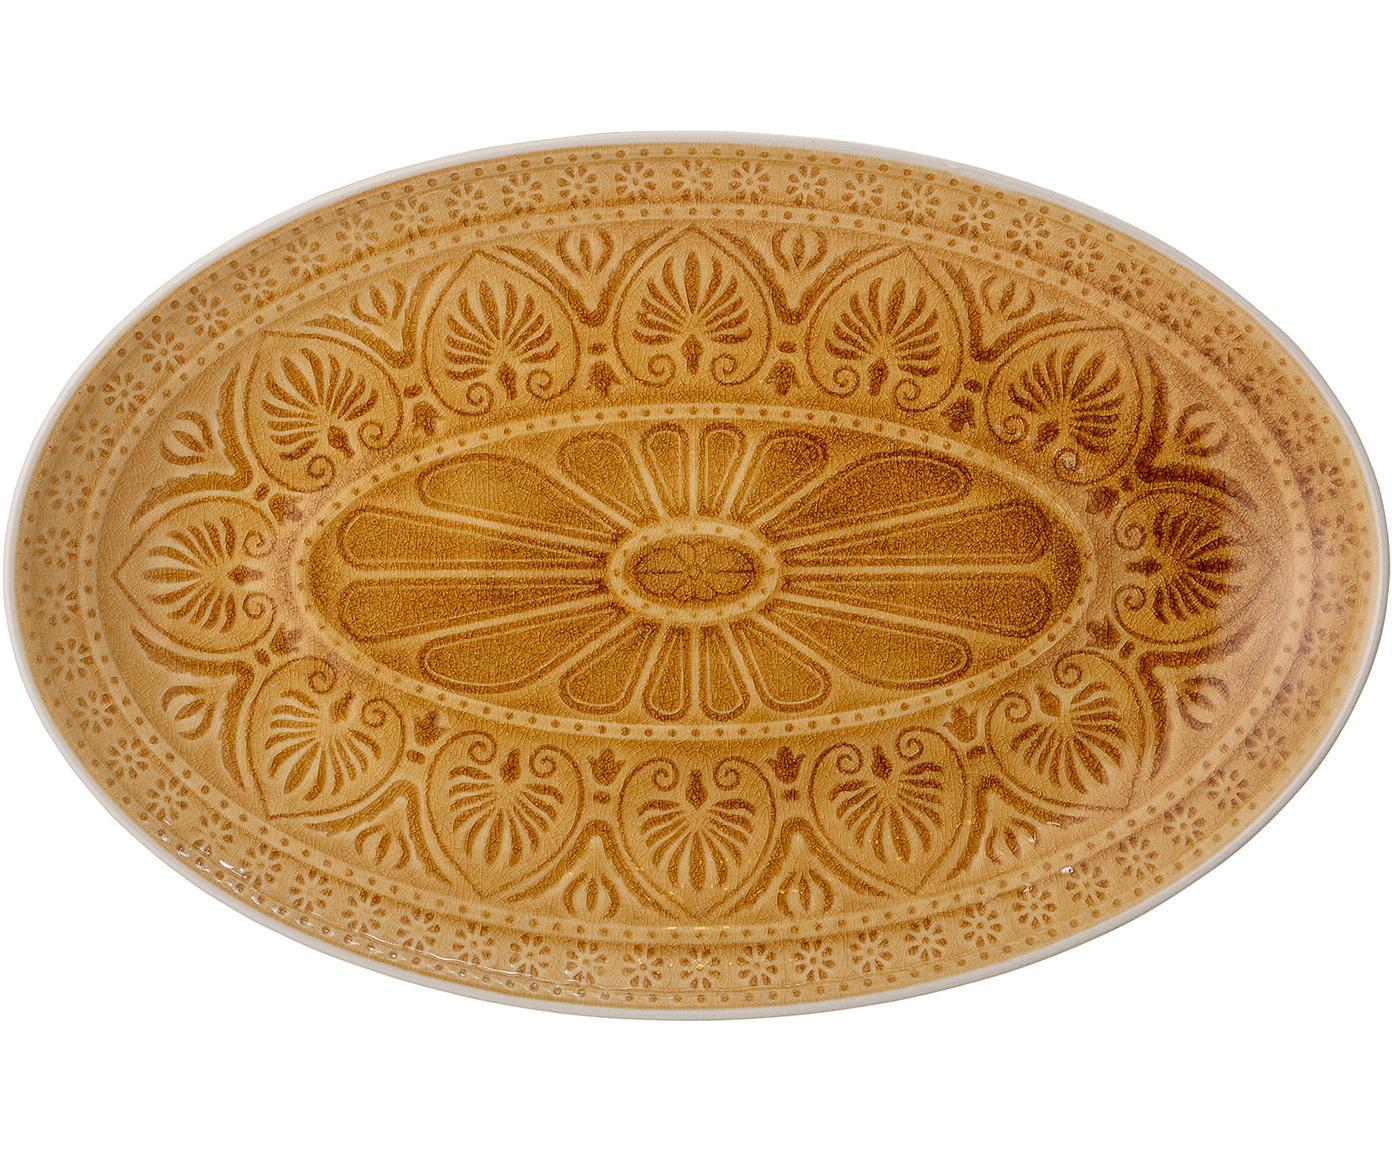 Handgemachte Servierplatte Rani im Marokko Style, Steingut, Gelb, B 39 x T 25 cm